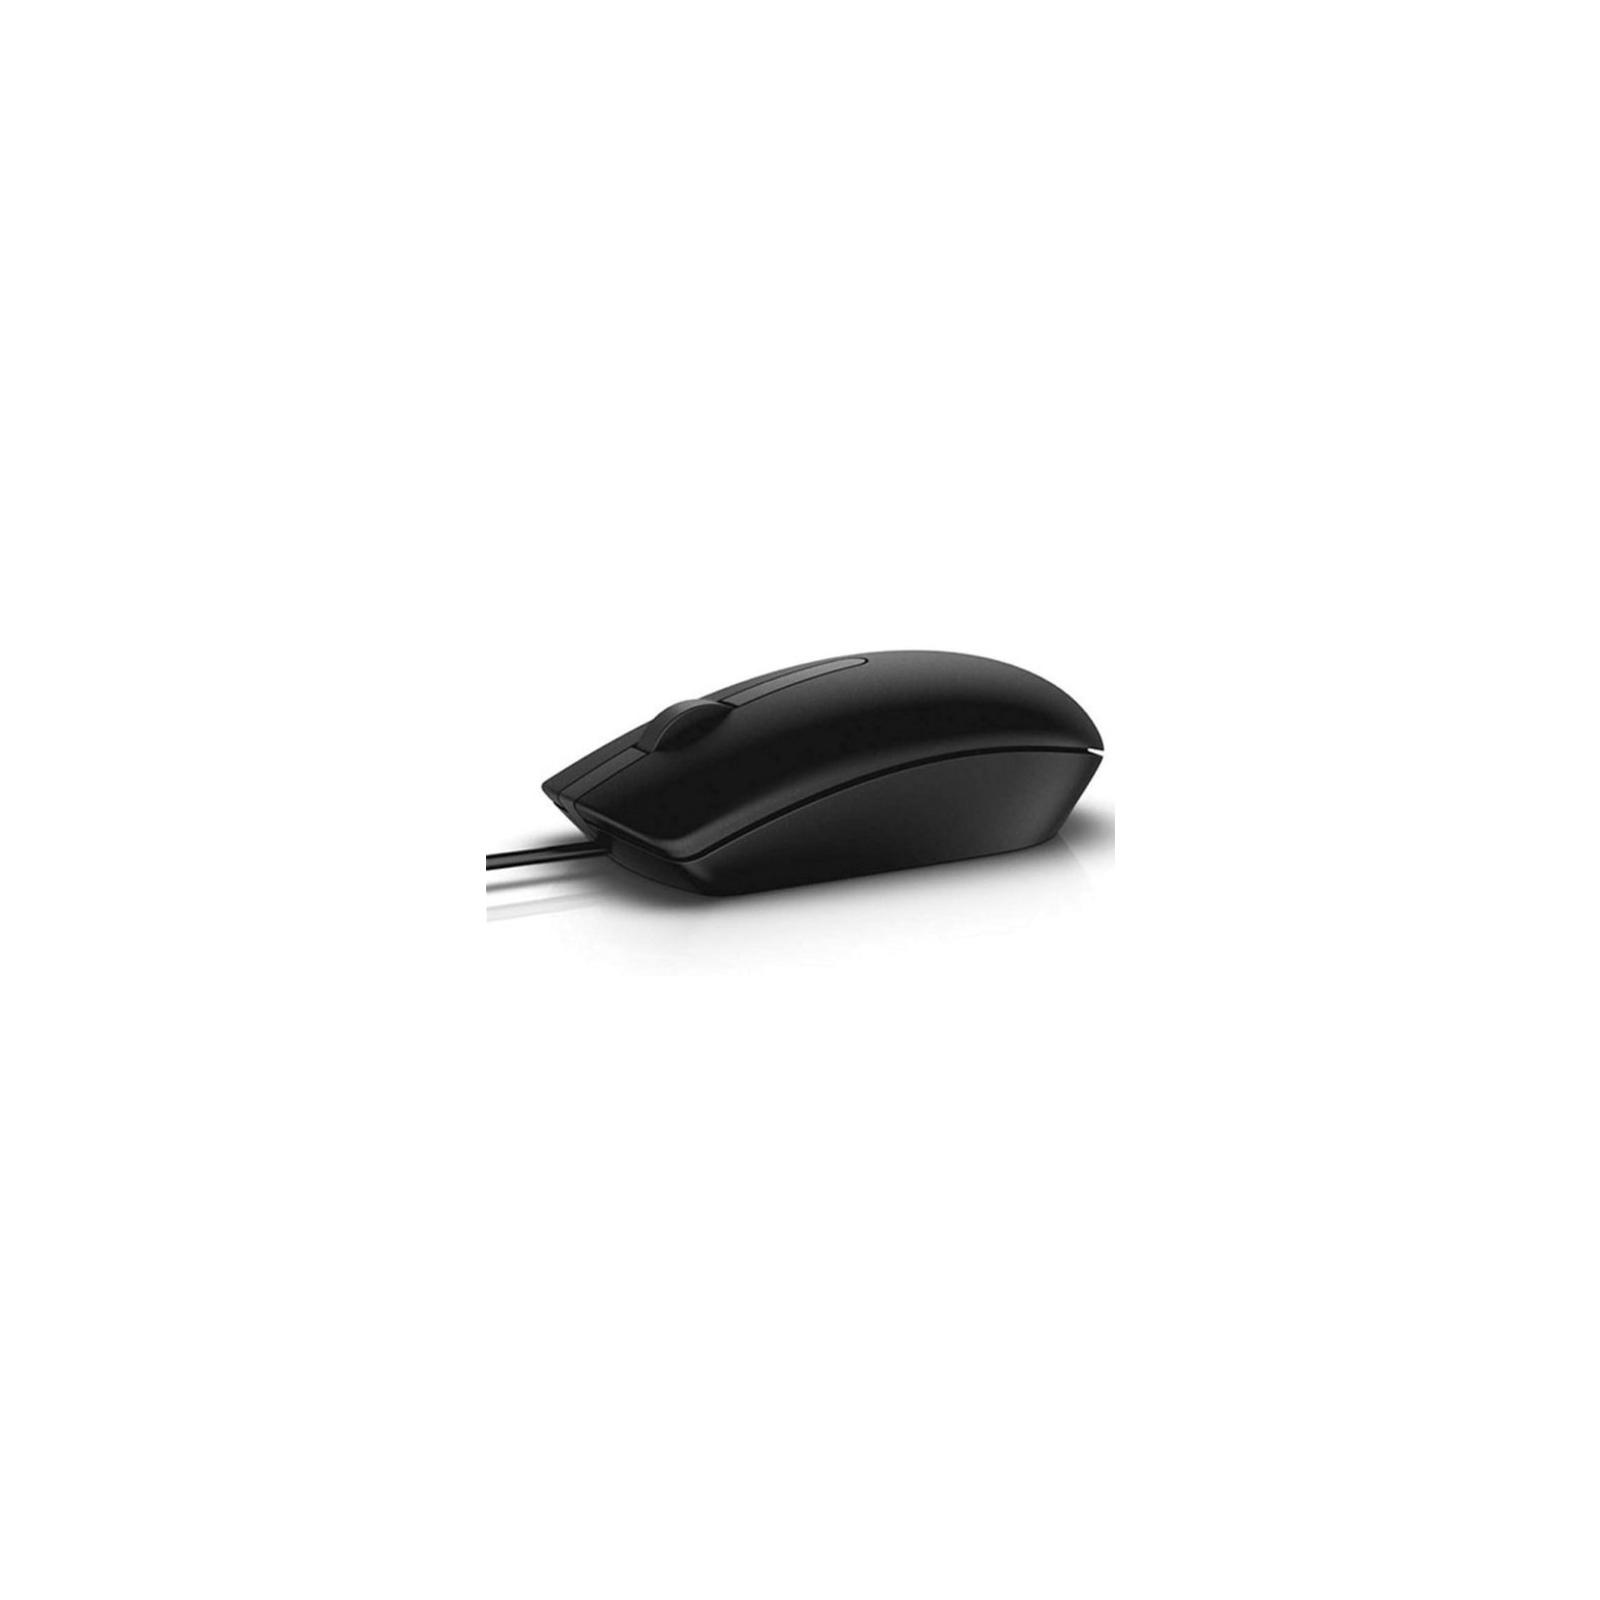 Мышка Dell MS116 Black (570-AAIS) изображение 2